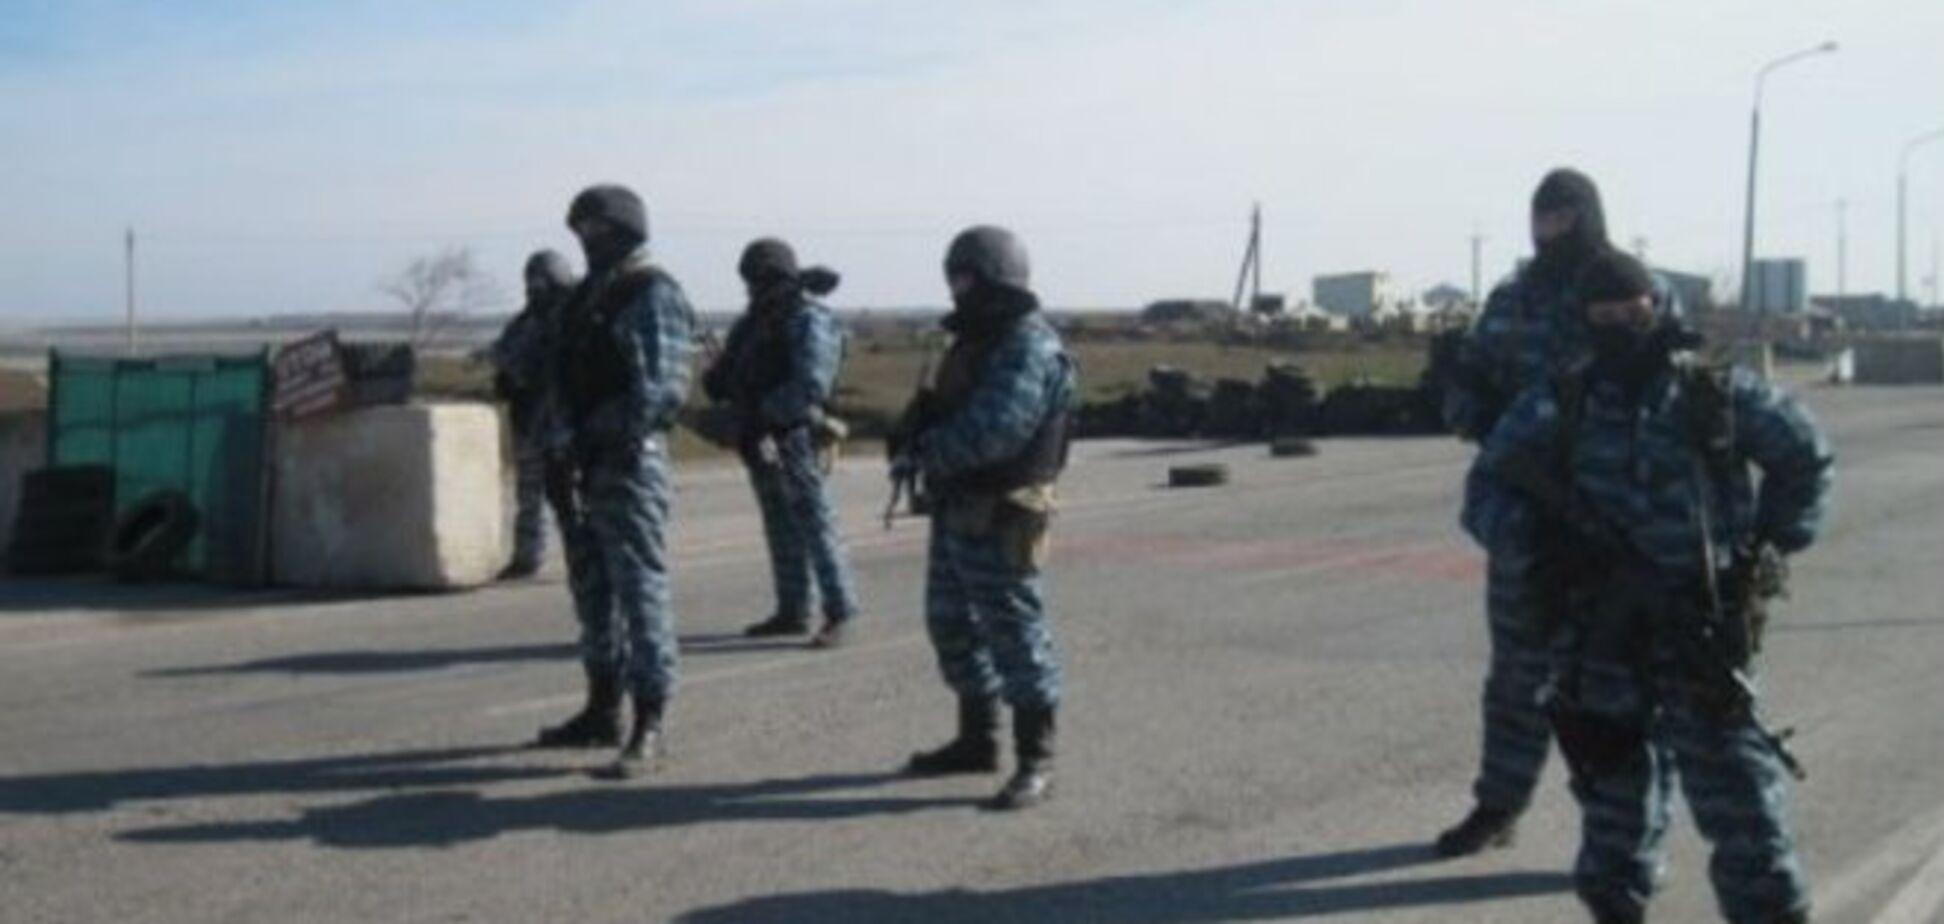 На Донбасс приехали милиционеры с шевронами 'Беркута' и начали усиленно критиковать Майдан